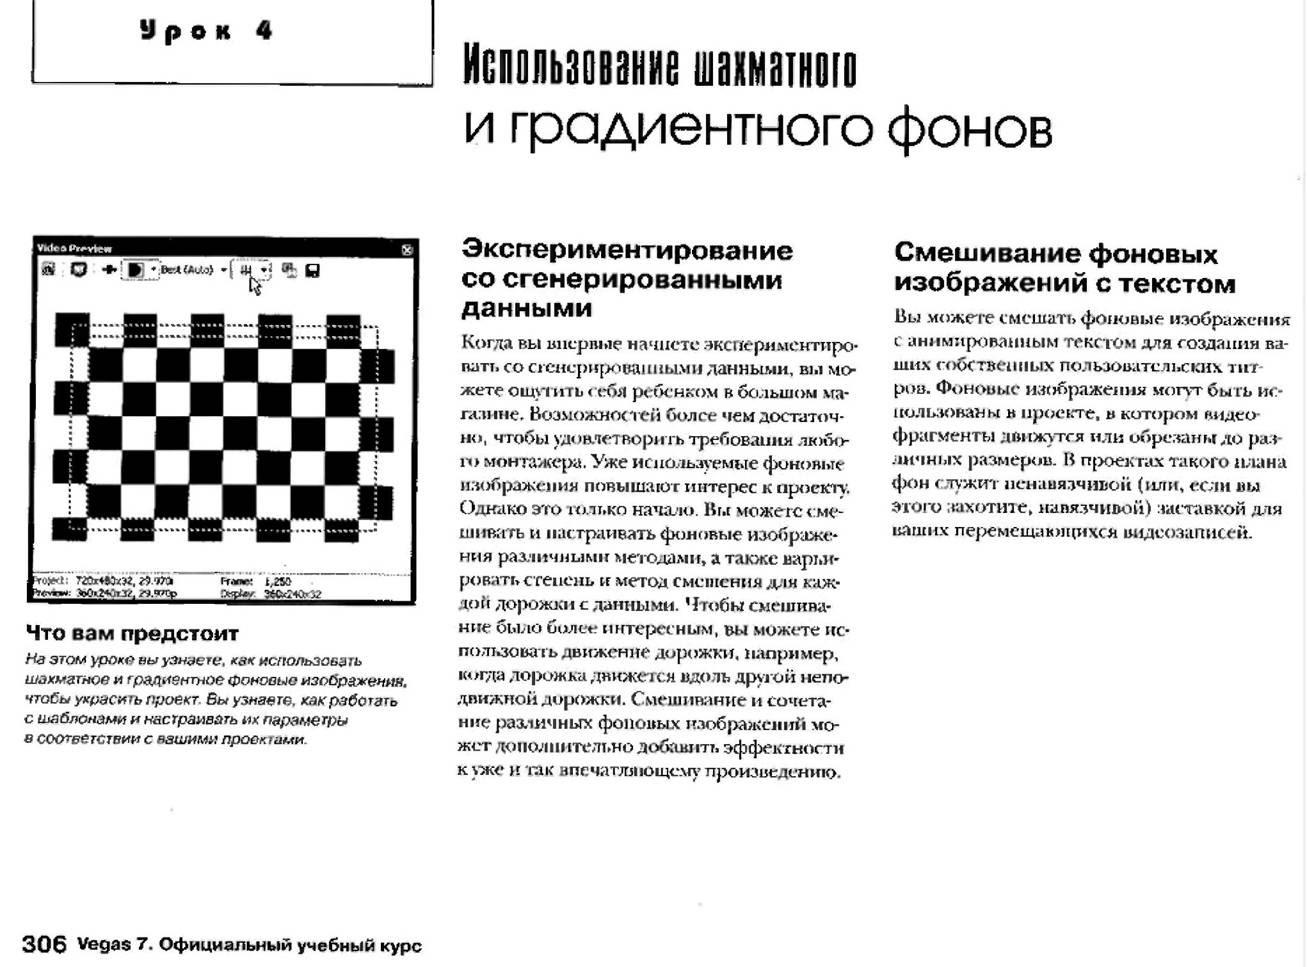 http://redaktori-uroki.3dn.ru/_ph/12/392858488.jpg